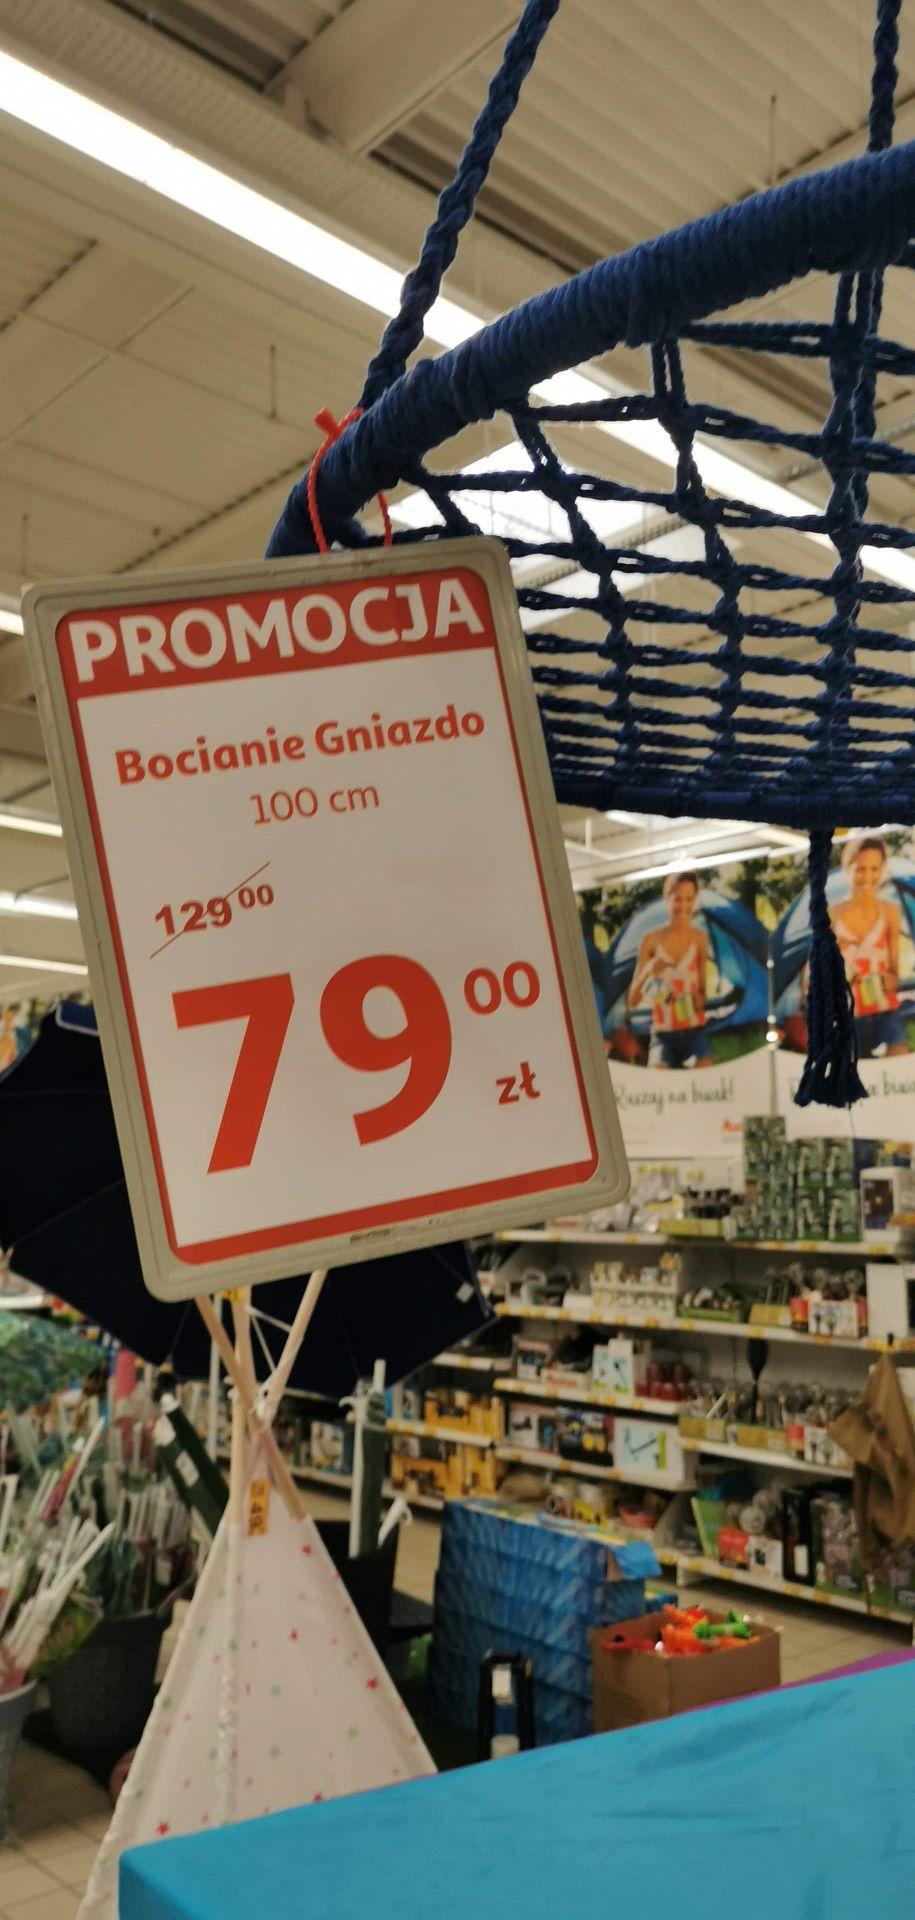 Bocianie gniazdo/ Pawilon ogrodowy@ Auchan Łódź Tulipan